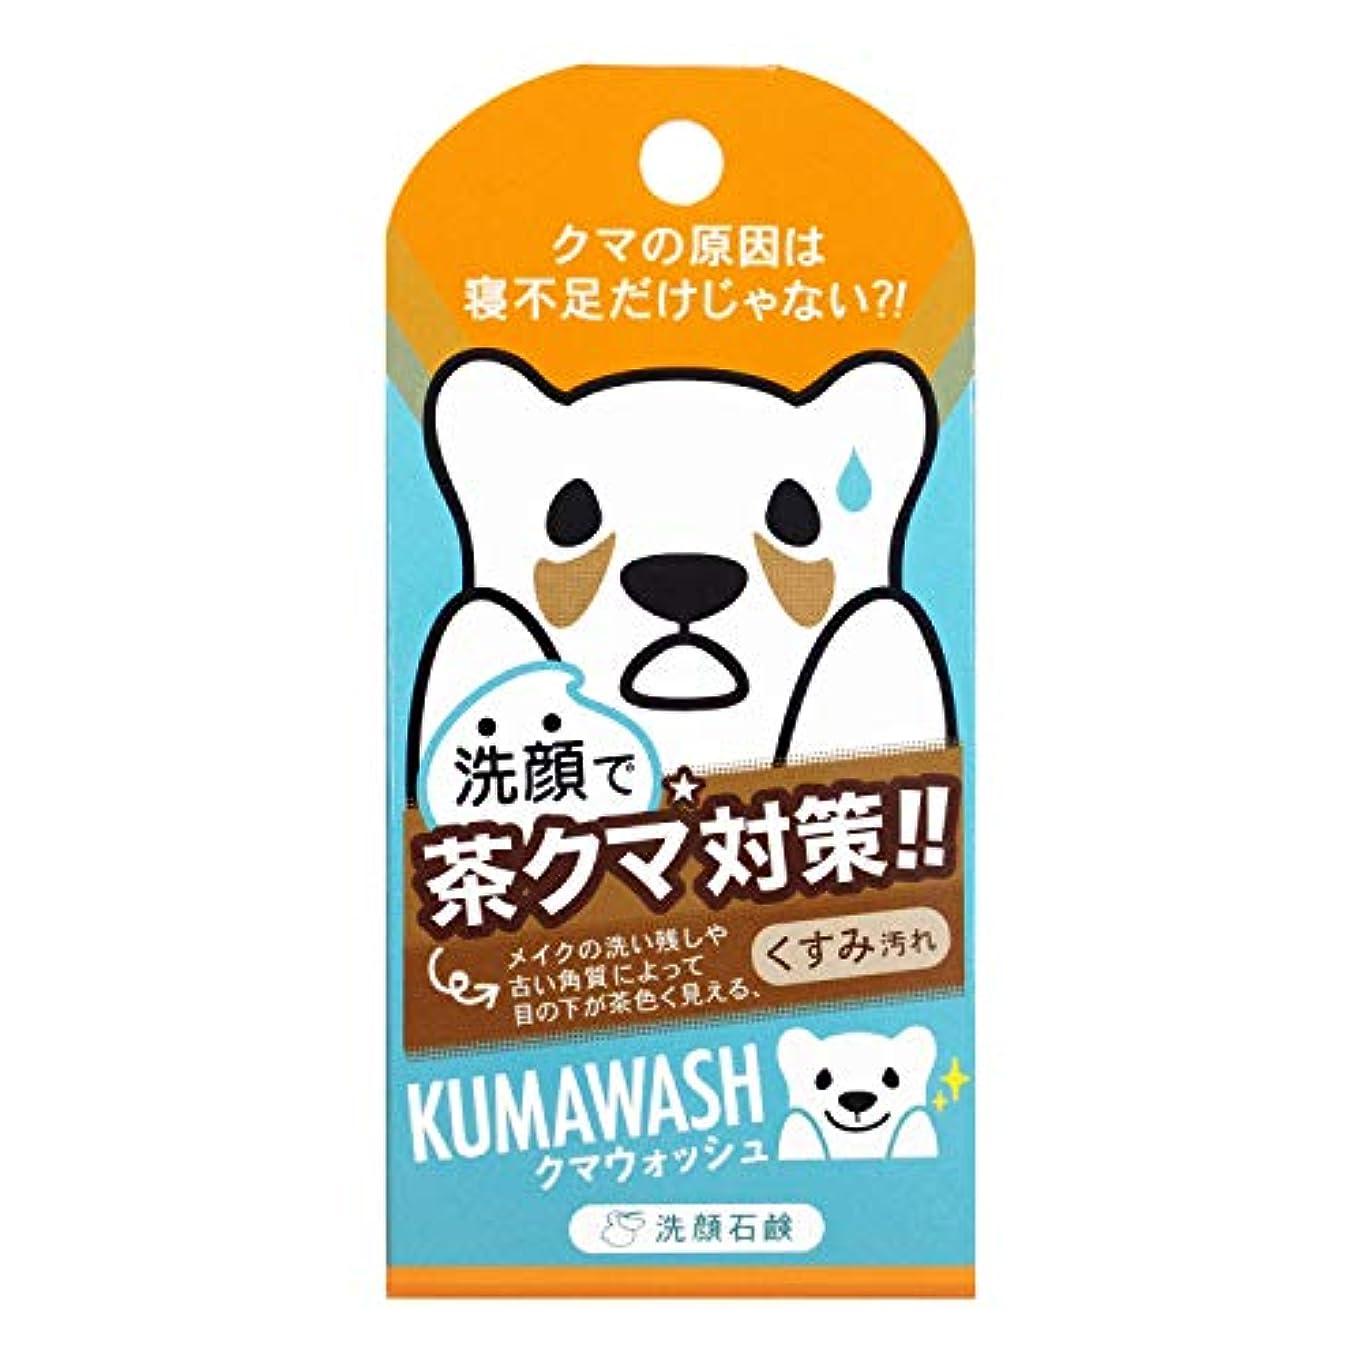 来て個人的なブロンズペリカン石鹸 クマウォッシュ洗顔石鹸 75g